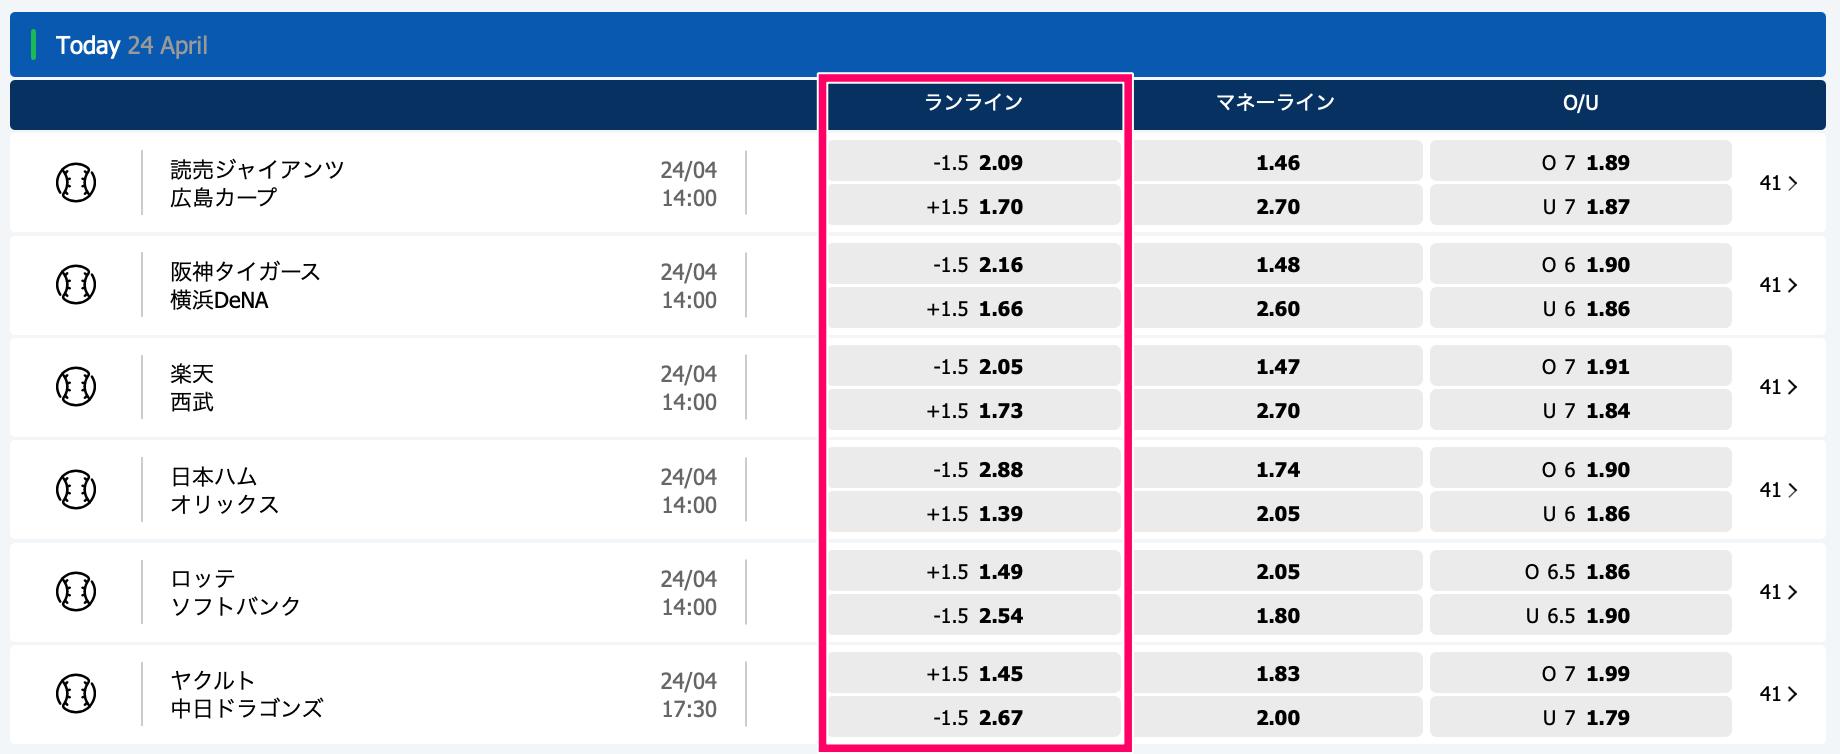 10bet Japan プロ野球やり方賭け方7・ランライン(ハンディキャップ)